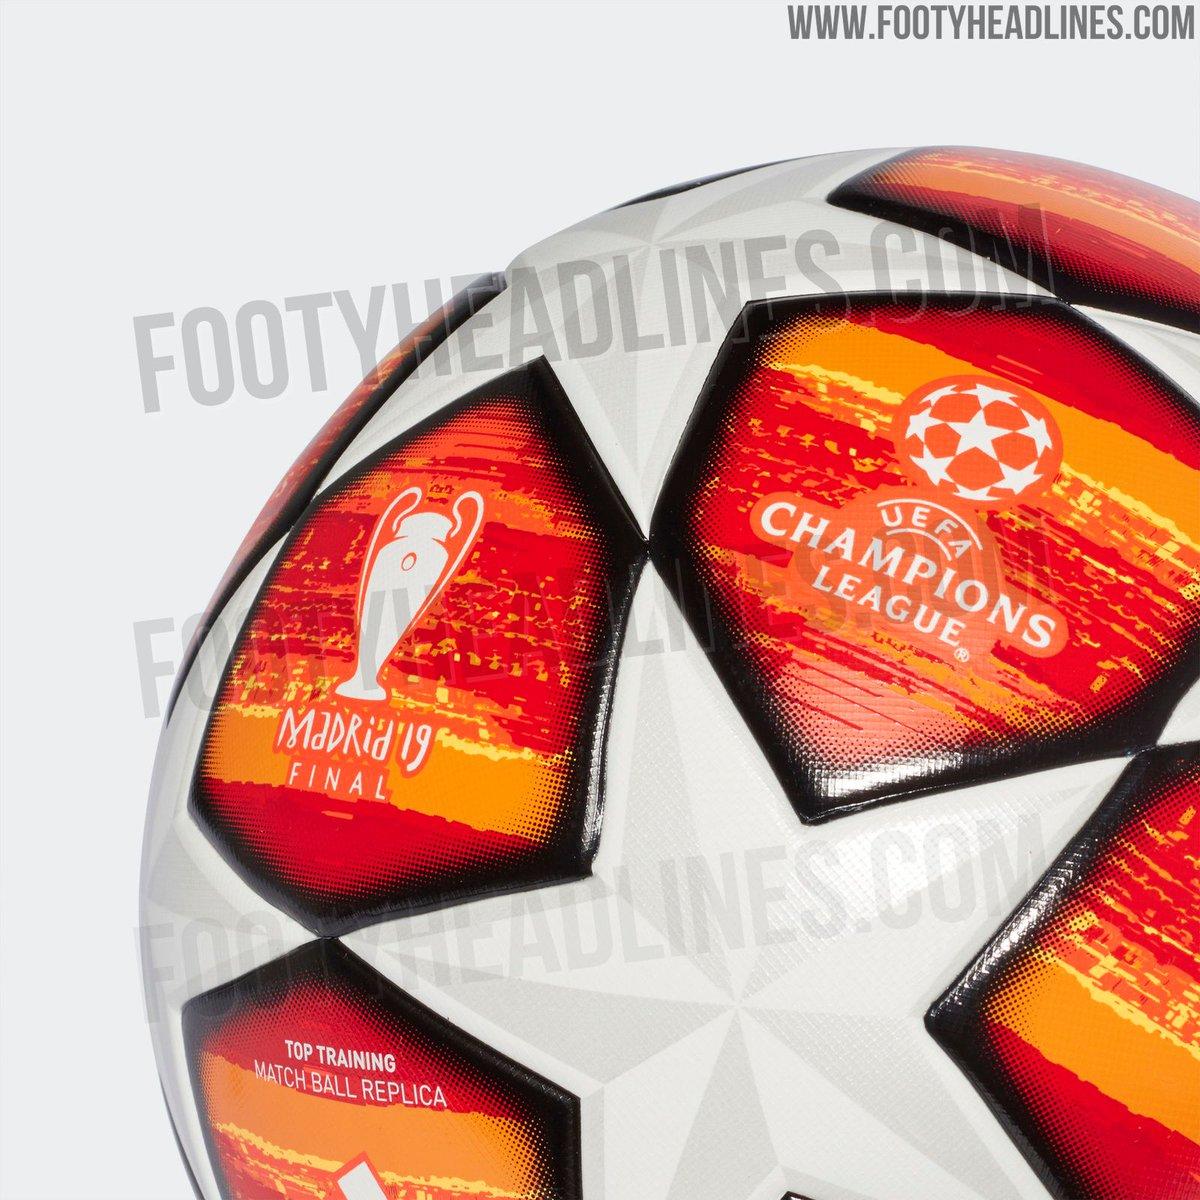 شاهد الكرة الجديدة لدورى أبطال أوروبا 2019 اليوم السابع